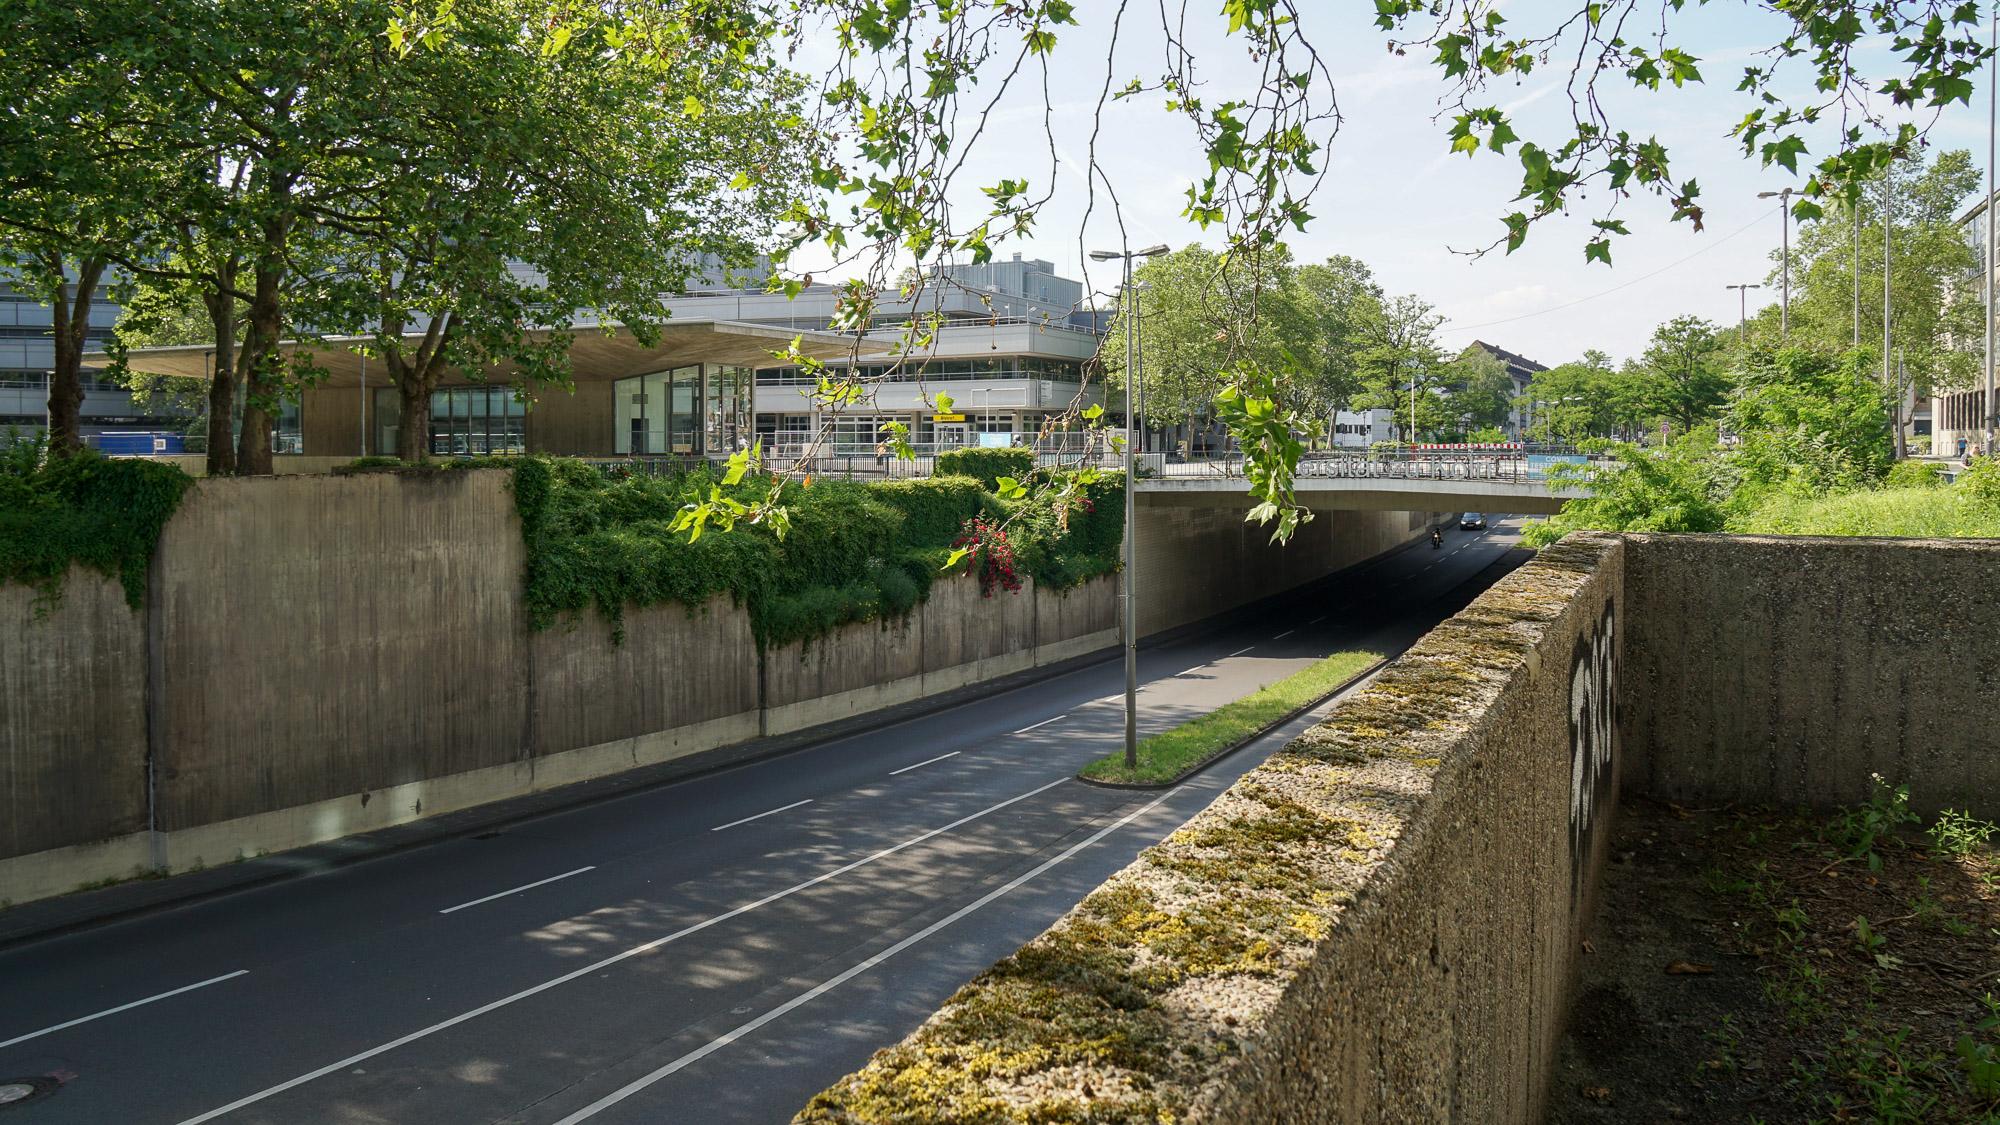 Vierspurige Straße wird unter einem Platz hindurchgeführt. Im Hintergrund sieht man Universitätsbauten.